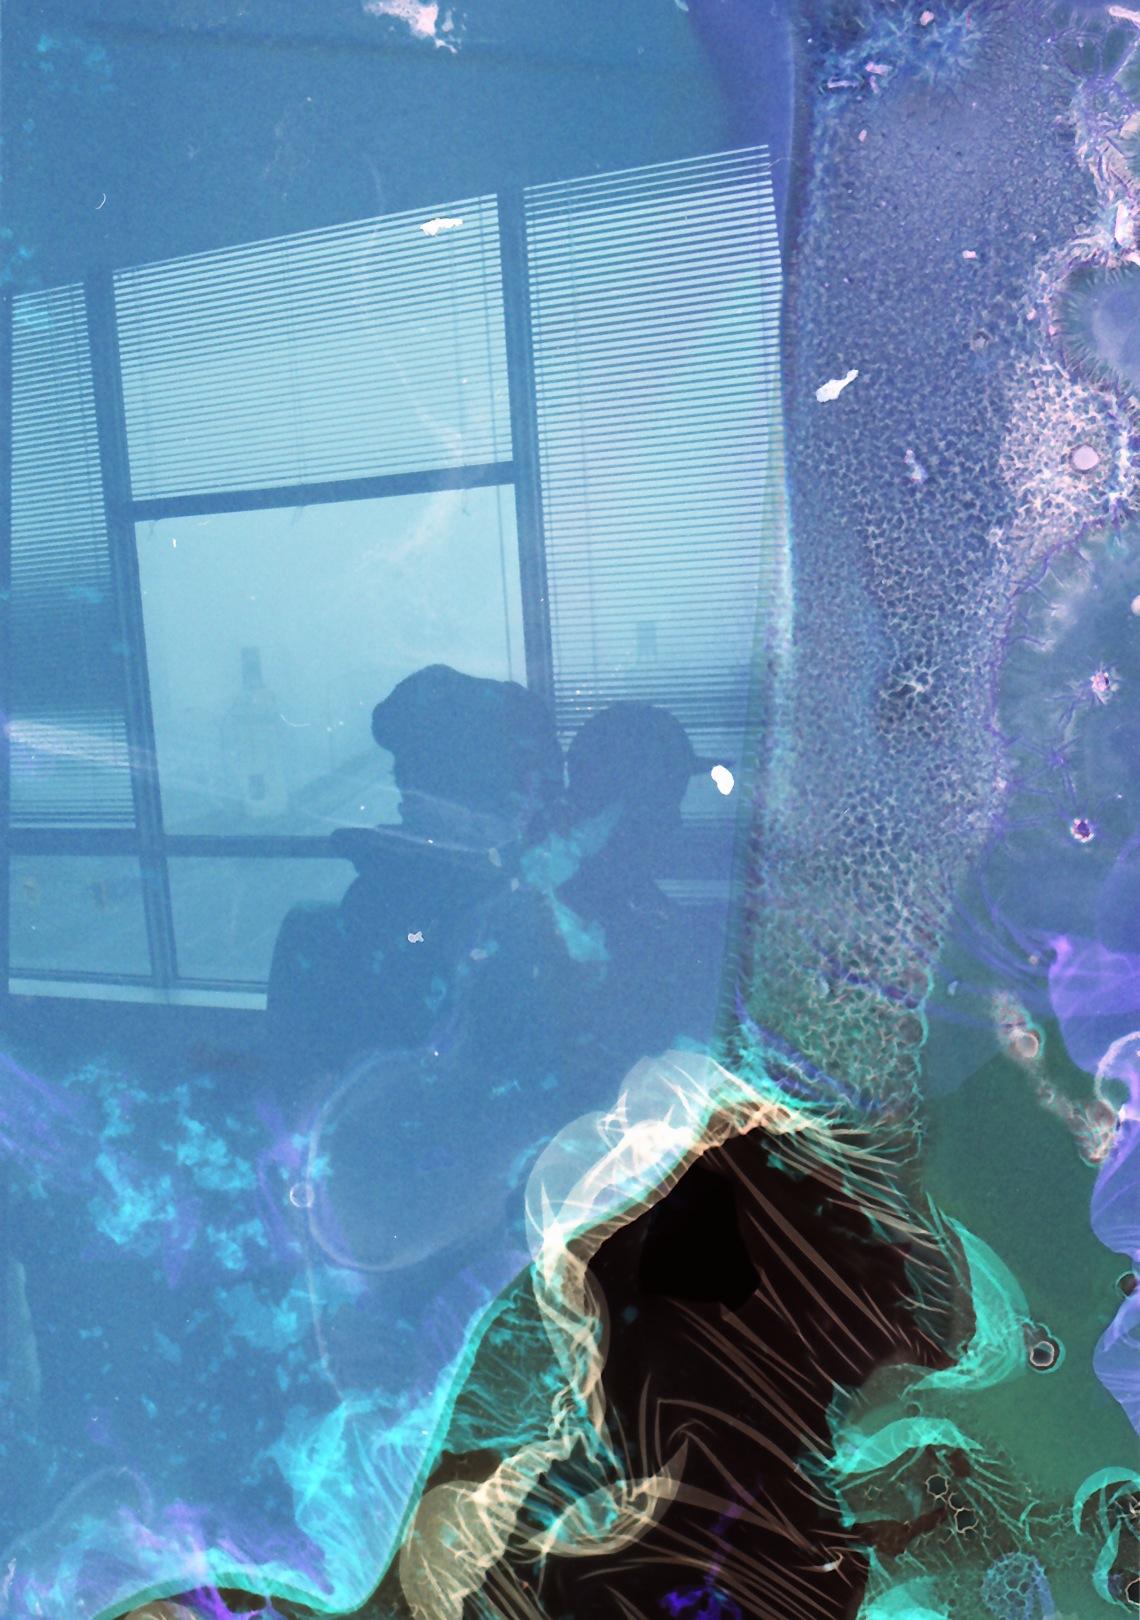 acid negatvie_0015.jpg